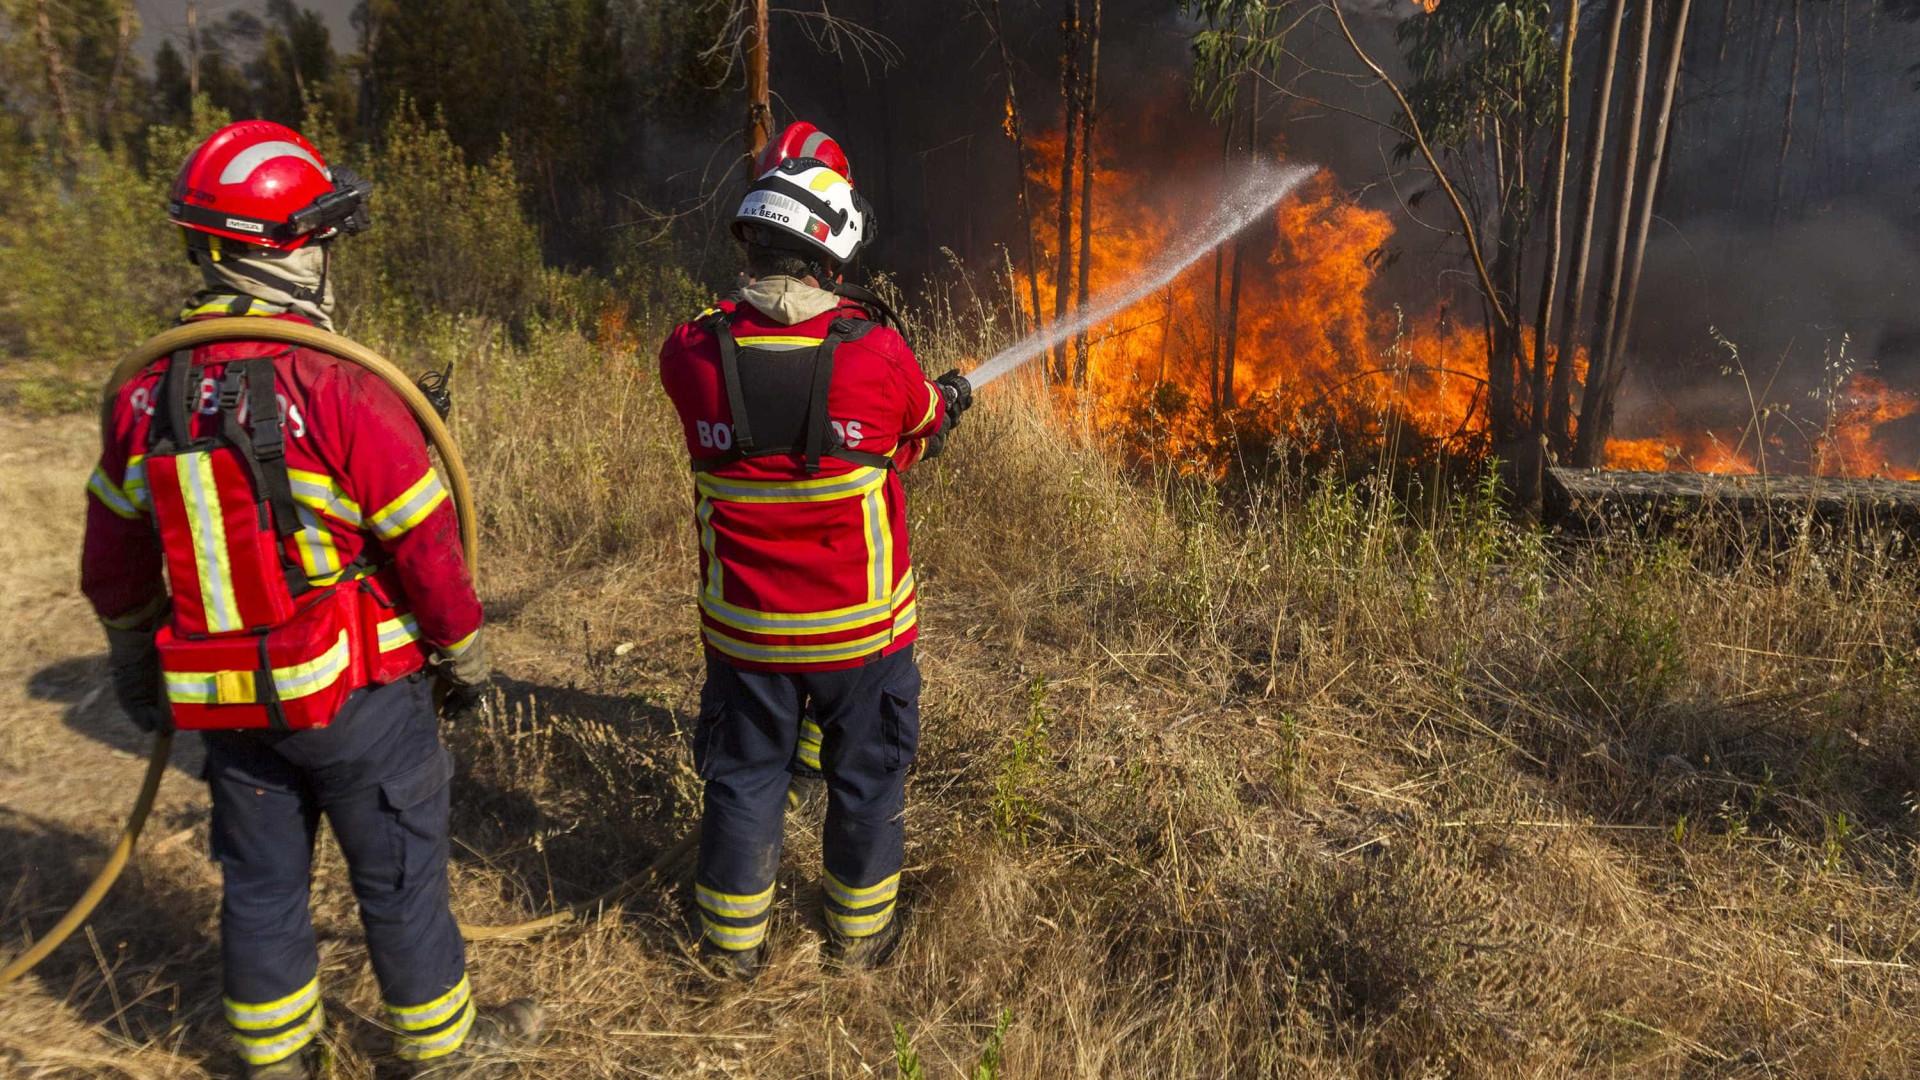 Incêndio na zona de Badajoz que mobilizou meios portugueses está extinto